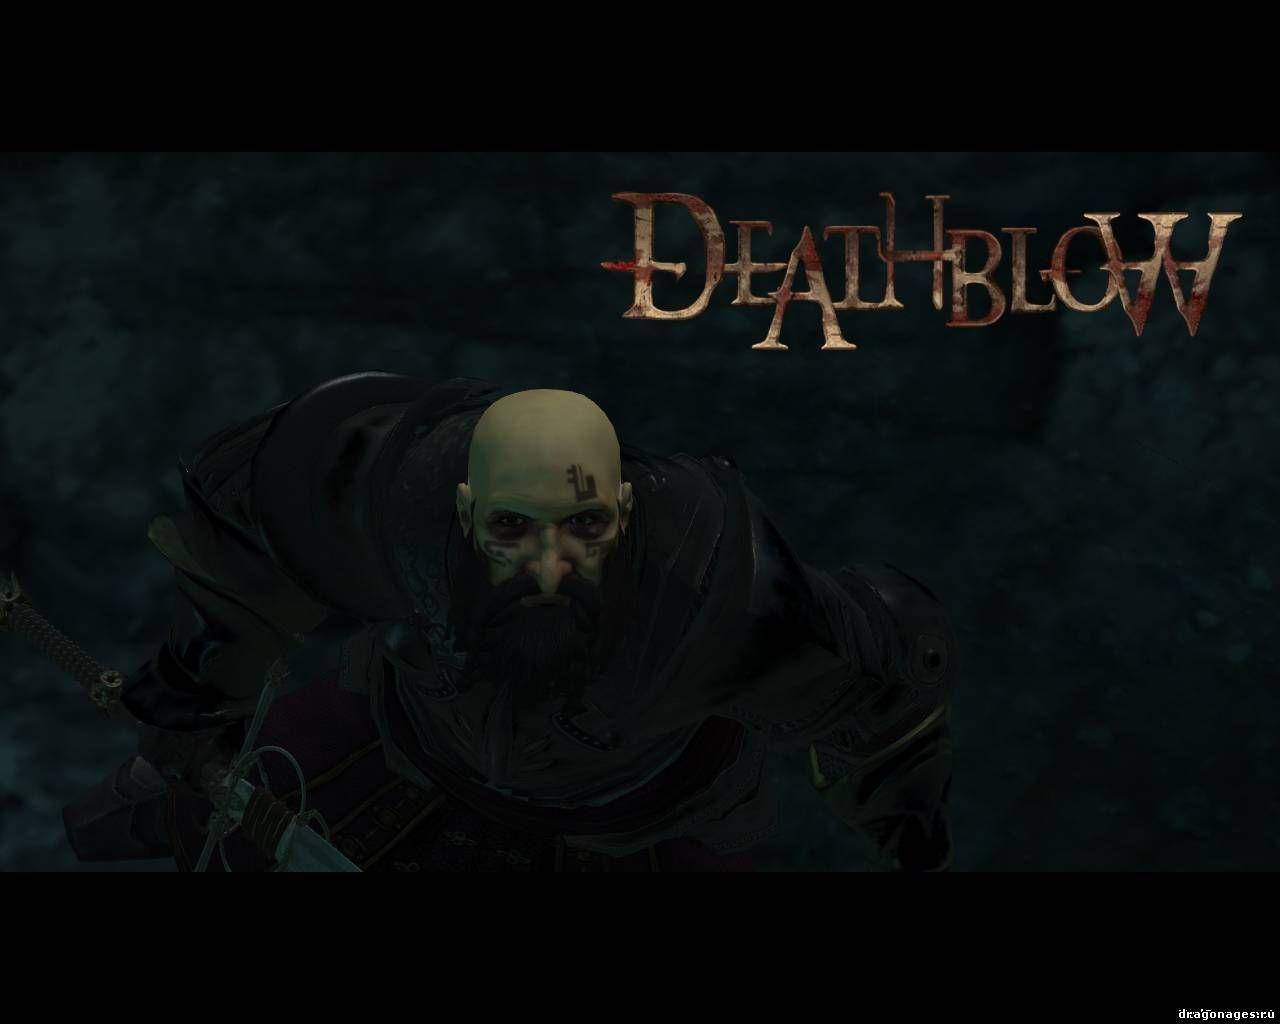 Новые эффекты красивого убийства для Dragon Age: Origins  Deathblow, превью